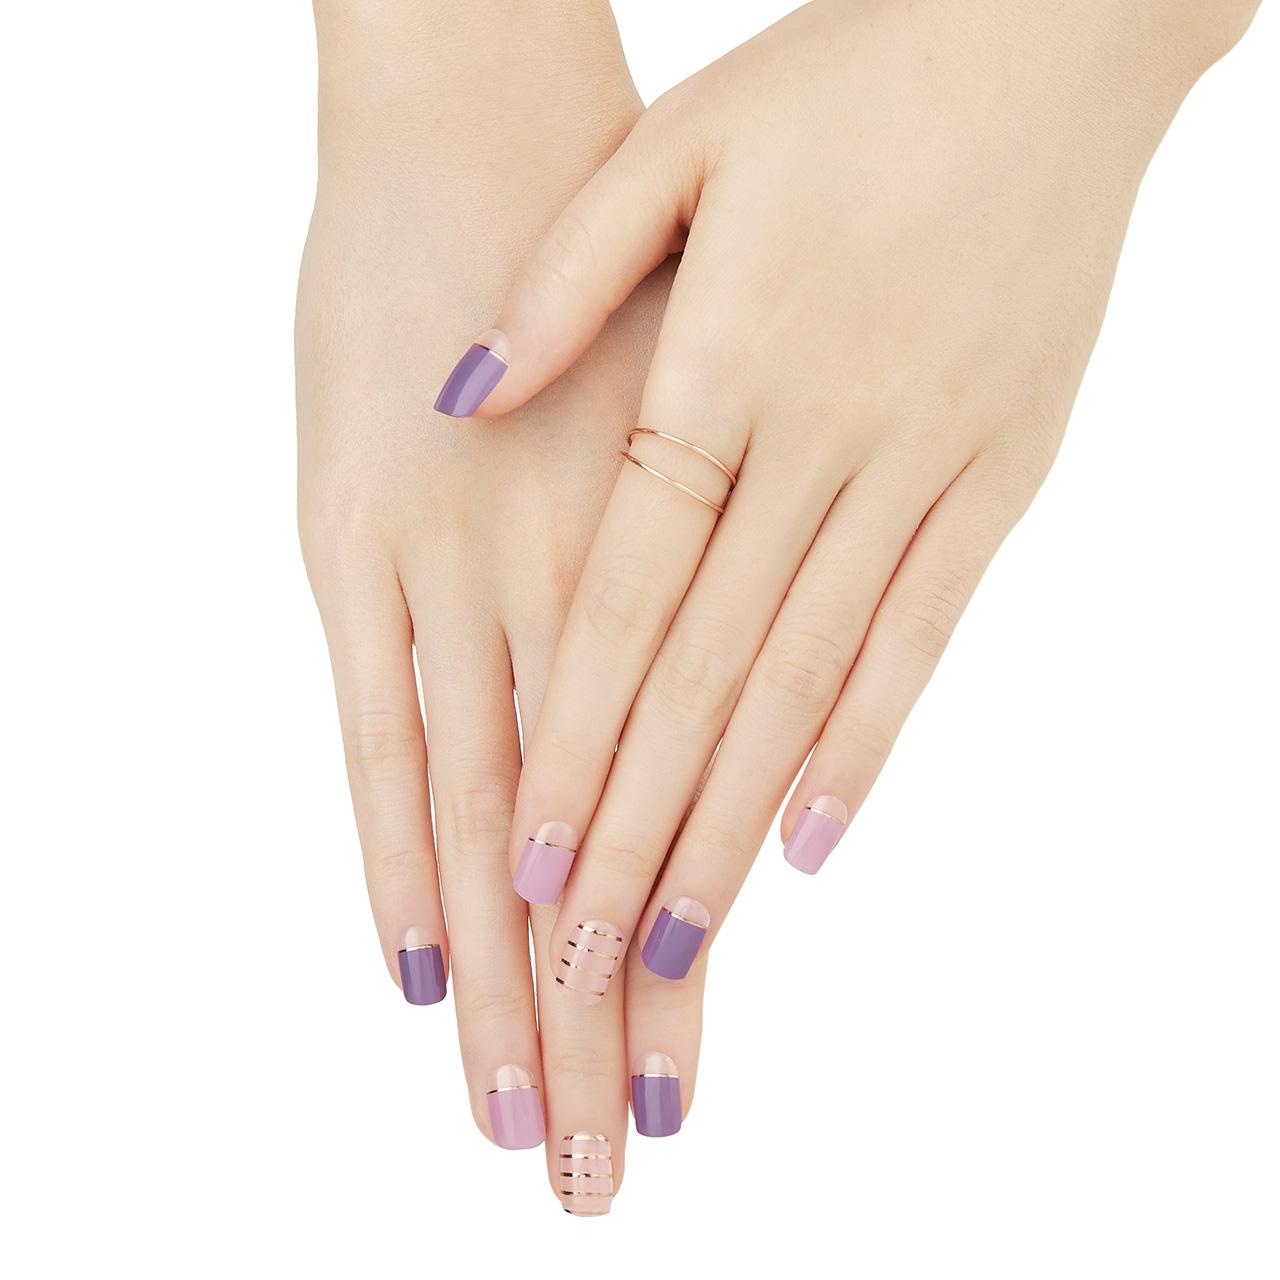 ダッシングディバ マジックジェルストリップ  【DGST83】 Purple Stripe